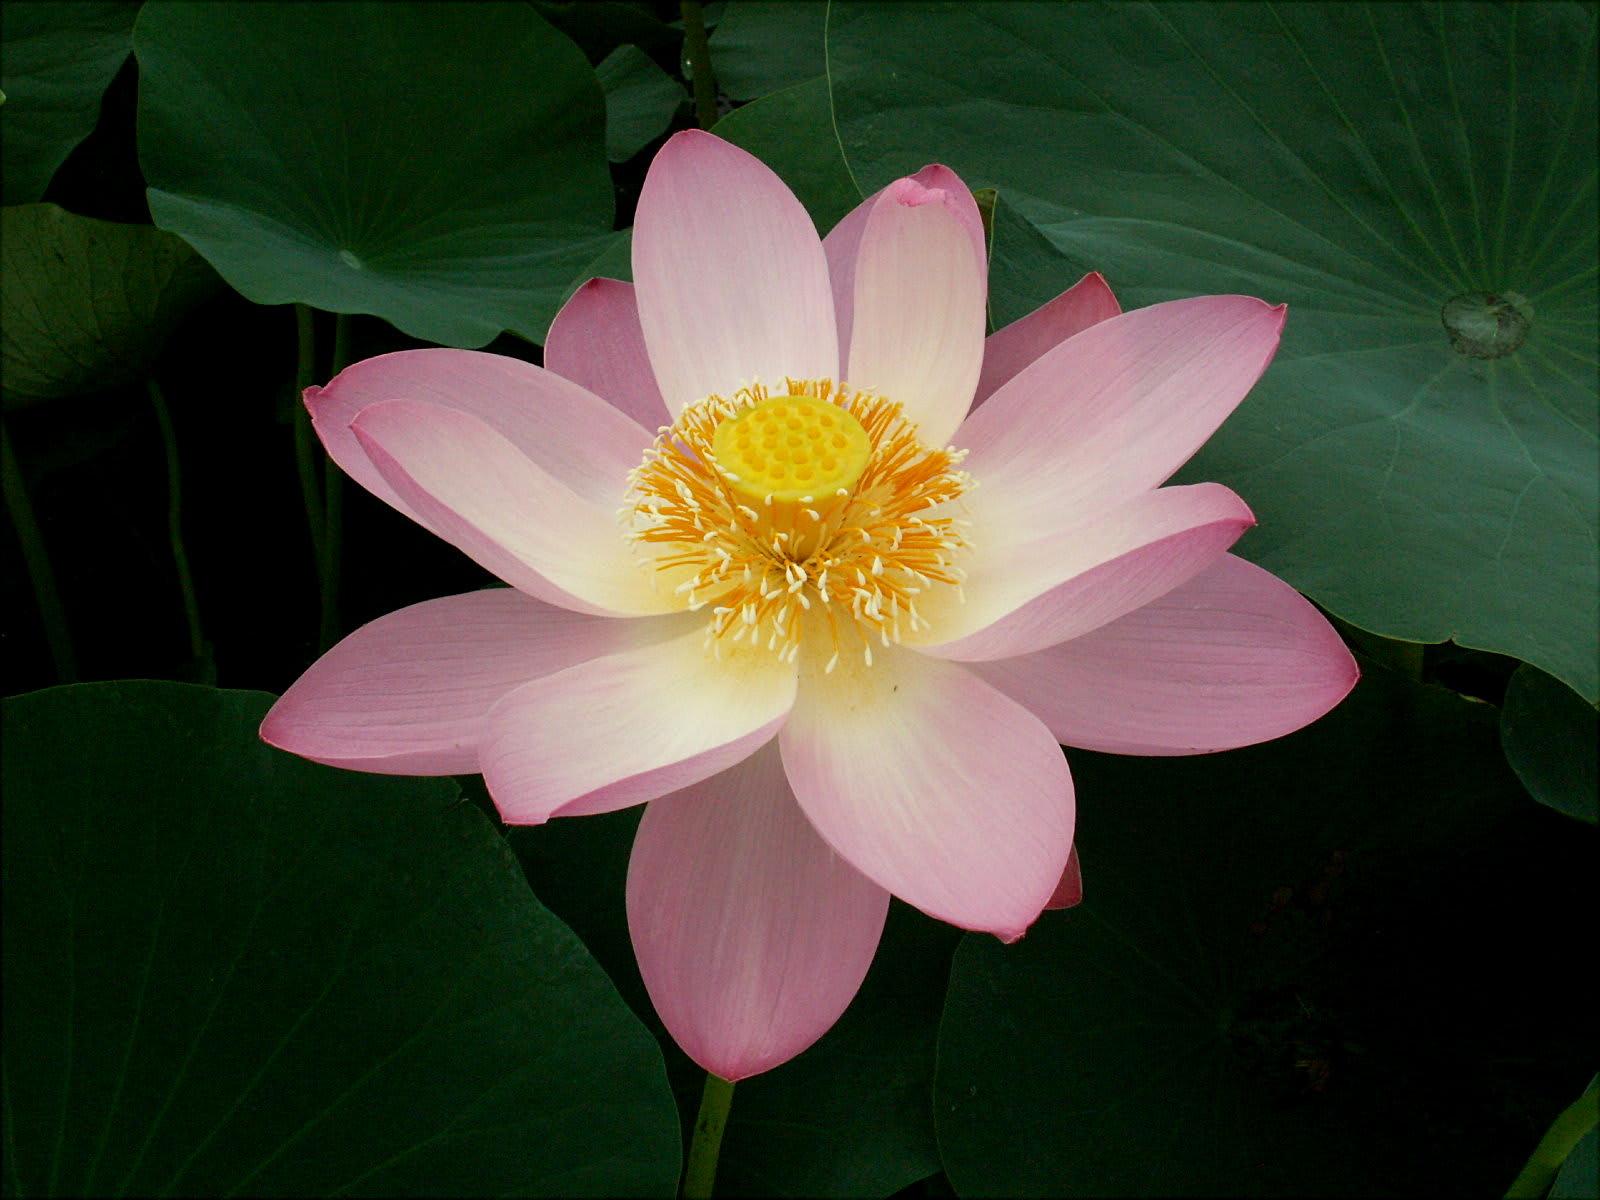 こちらは中国古代蓮とのこと。行田の古代蓮と色も形もよく似ていますね。一番... 中国古代蓮 古代